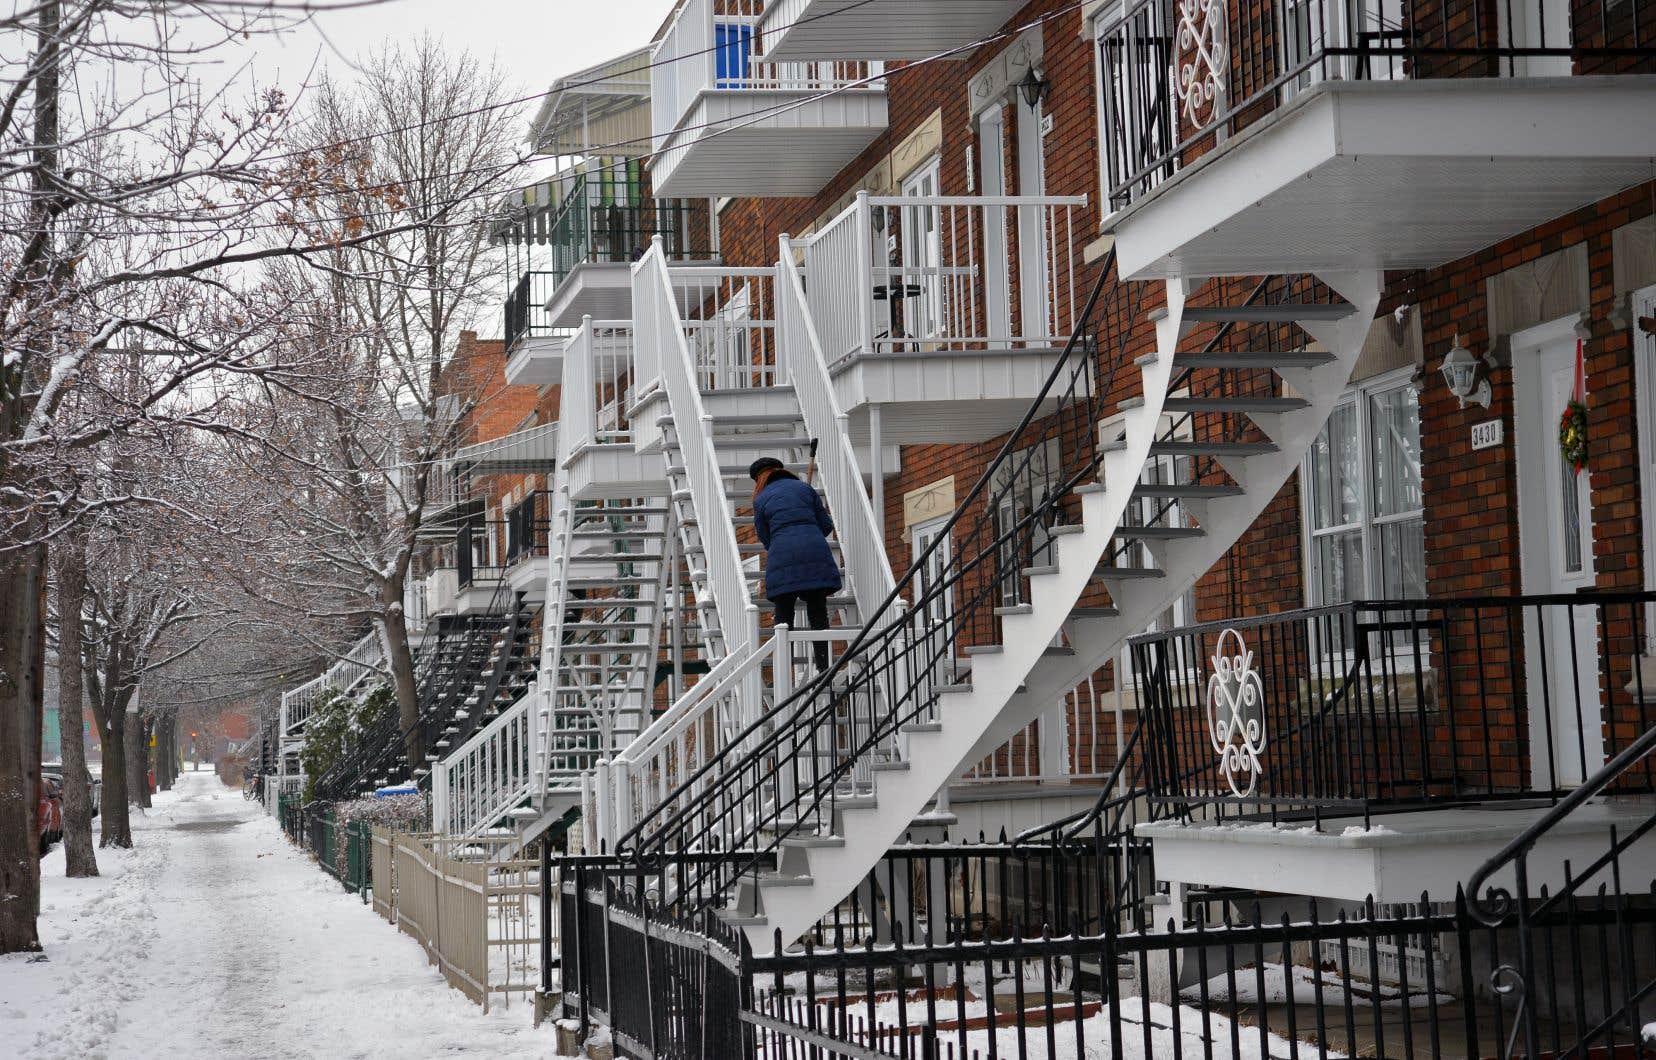 «Pour la Ville, la hausse de valeur se traduit par une hausse des revenus fonciers, sans qu'elle ait à augmenter ses services ou à construire des infrastructures pour accueillir davantage de résidents», écrit l'auteur.